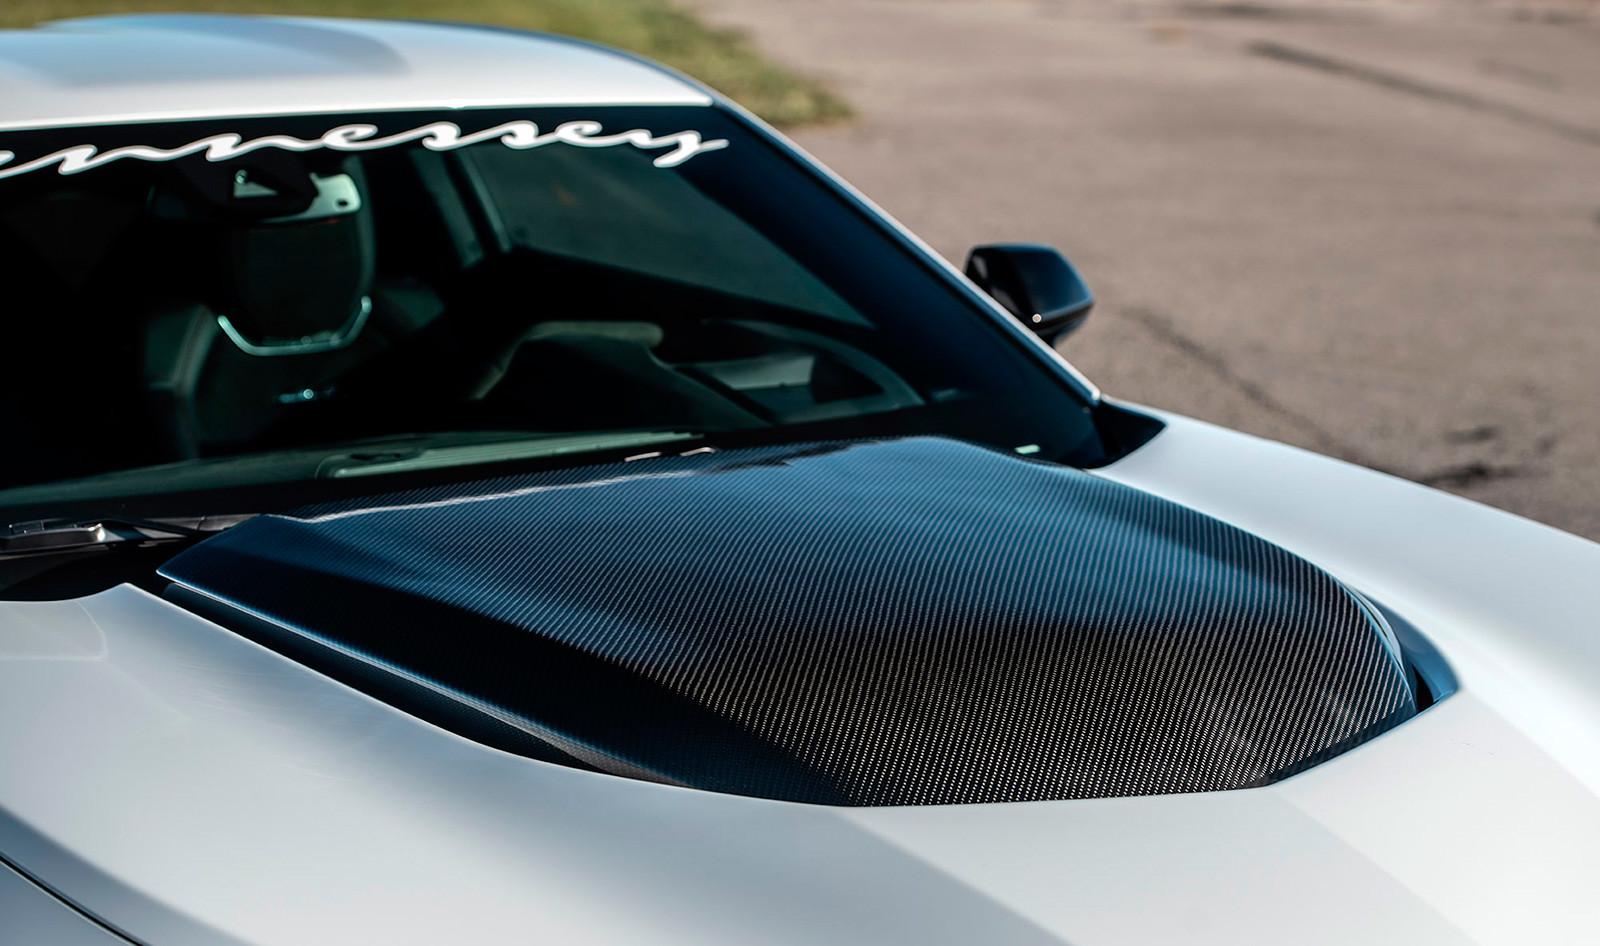 Foto de Hennessey Resurrection Camaro ZL1 1LE 2020 (10/12)